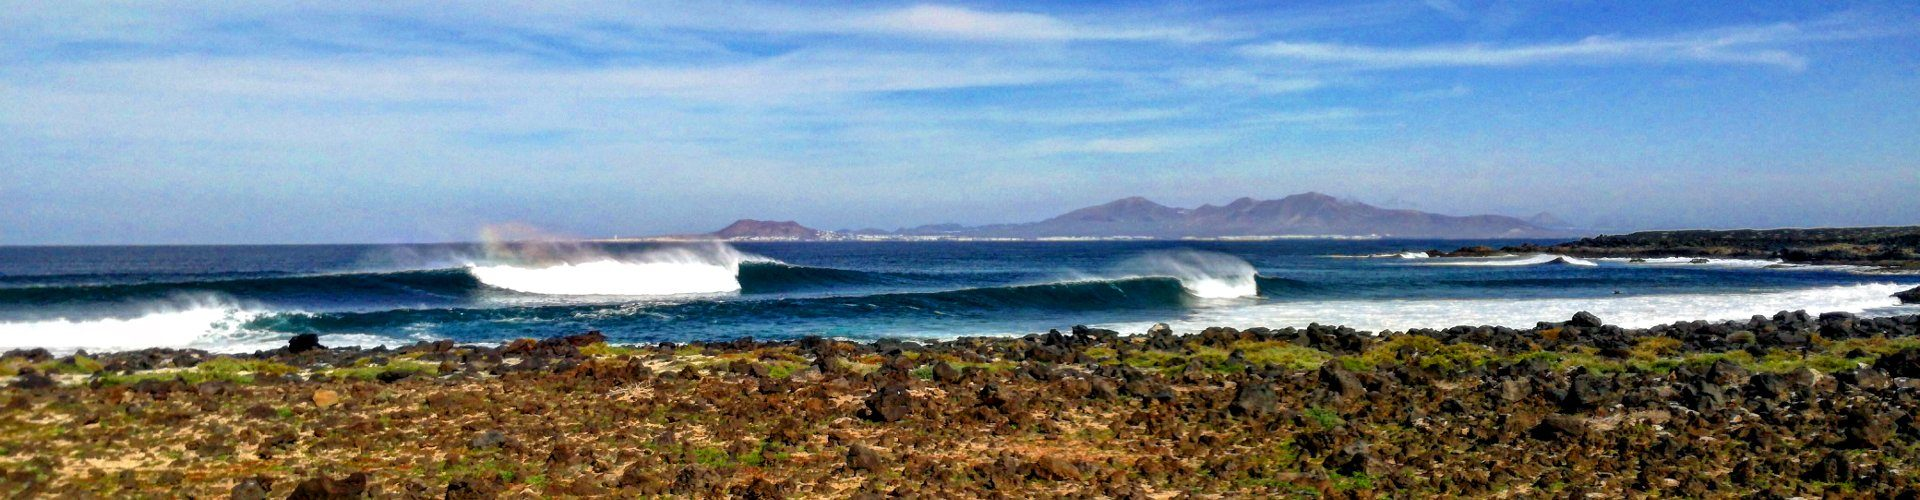 surf spot in Canary Island Fuerteventura